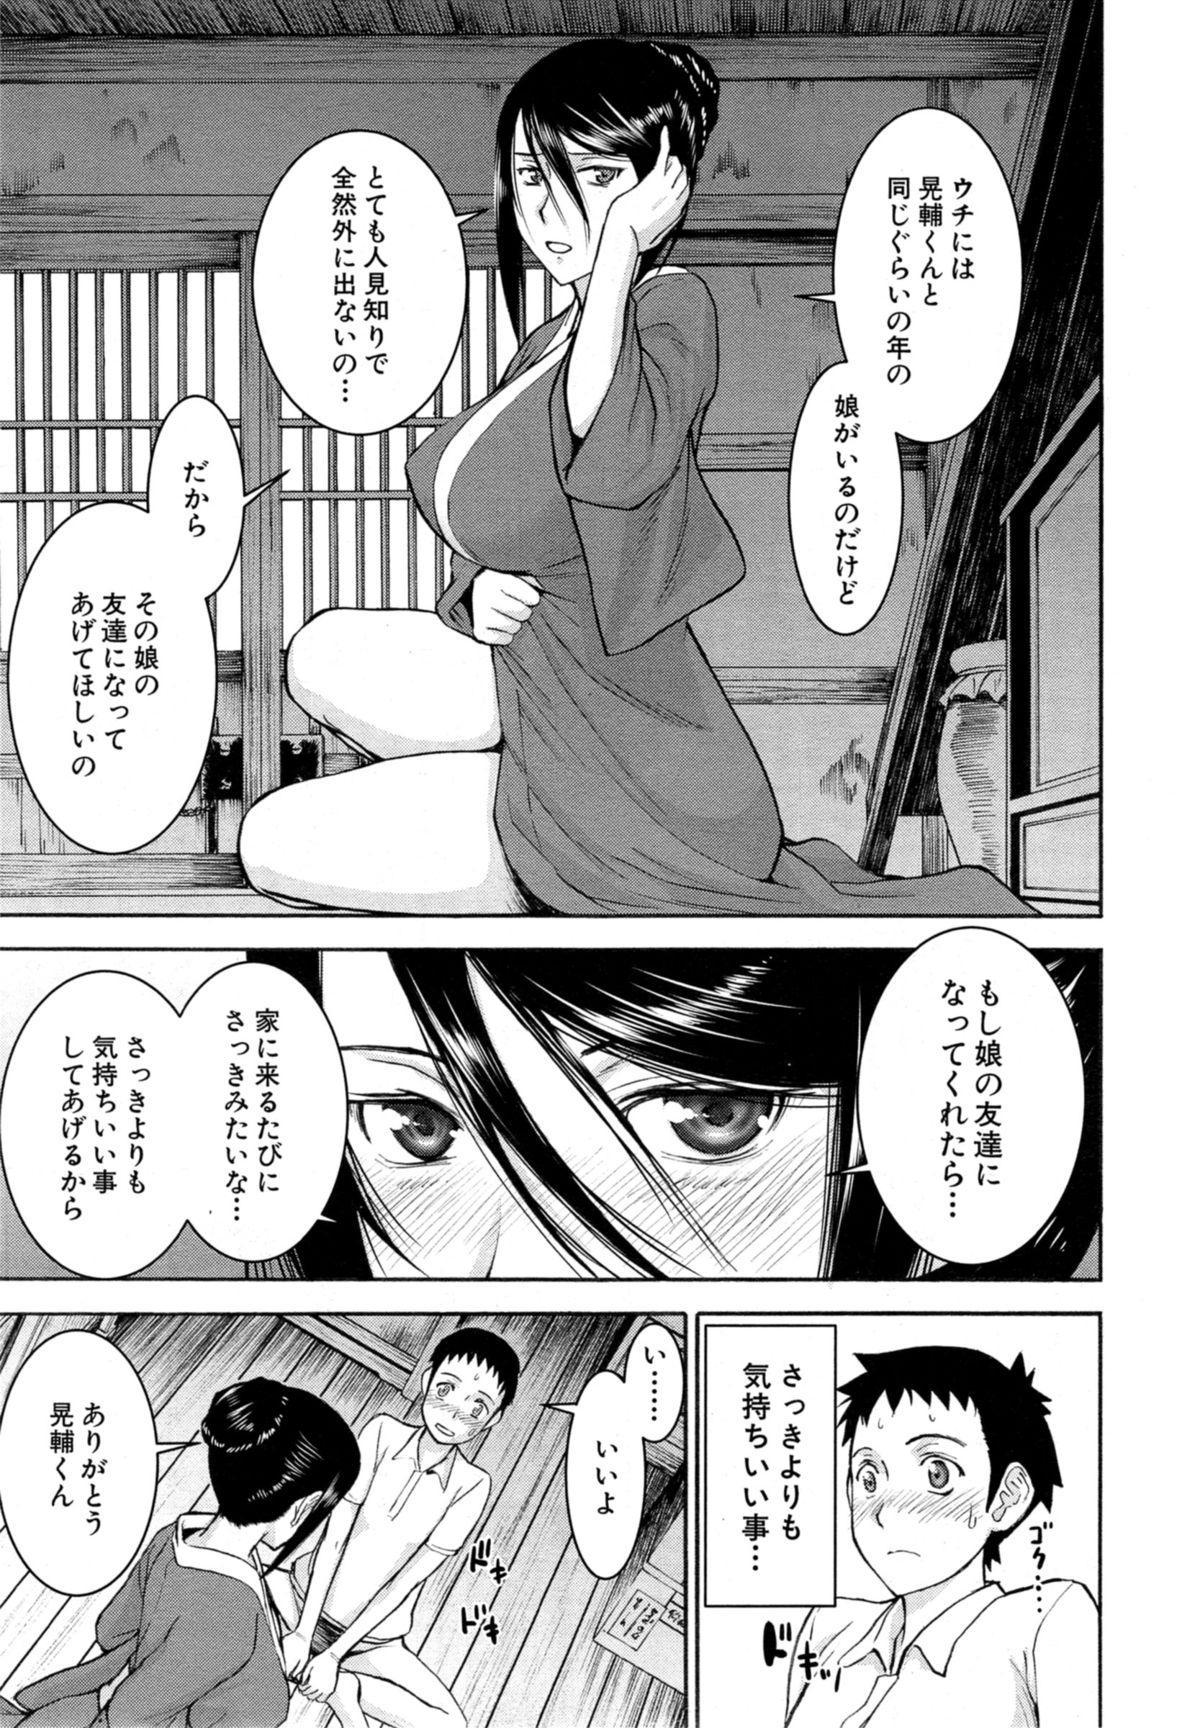 Zashikihime no Omocha Ch. 1-2 30